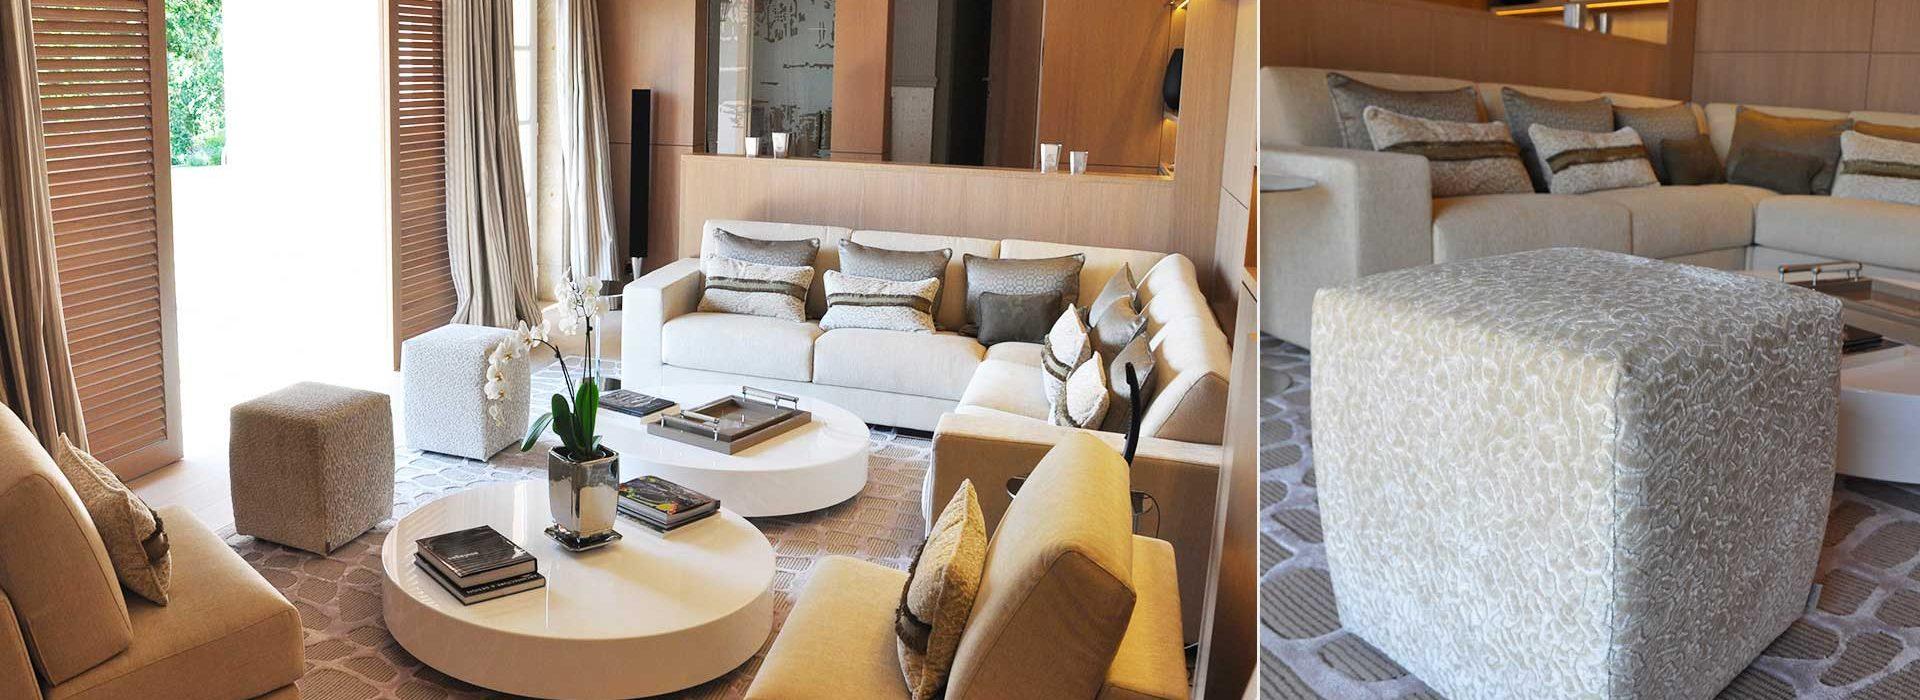 MANOR-RIVE-DROITE-GENEVA-06-Dome-interior-design-Geneve-Suisse